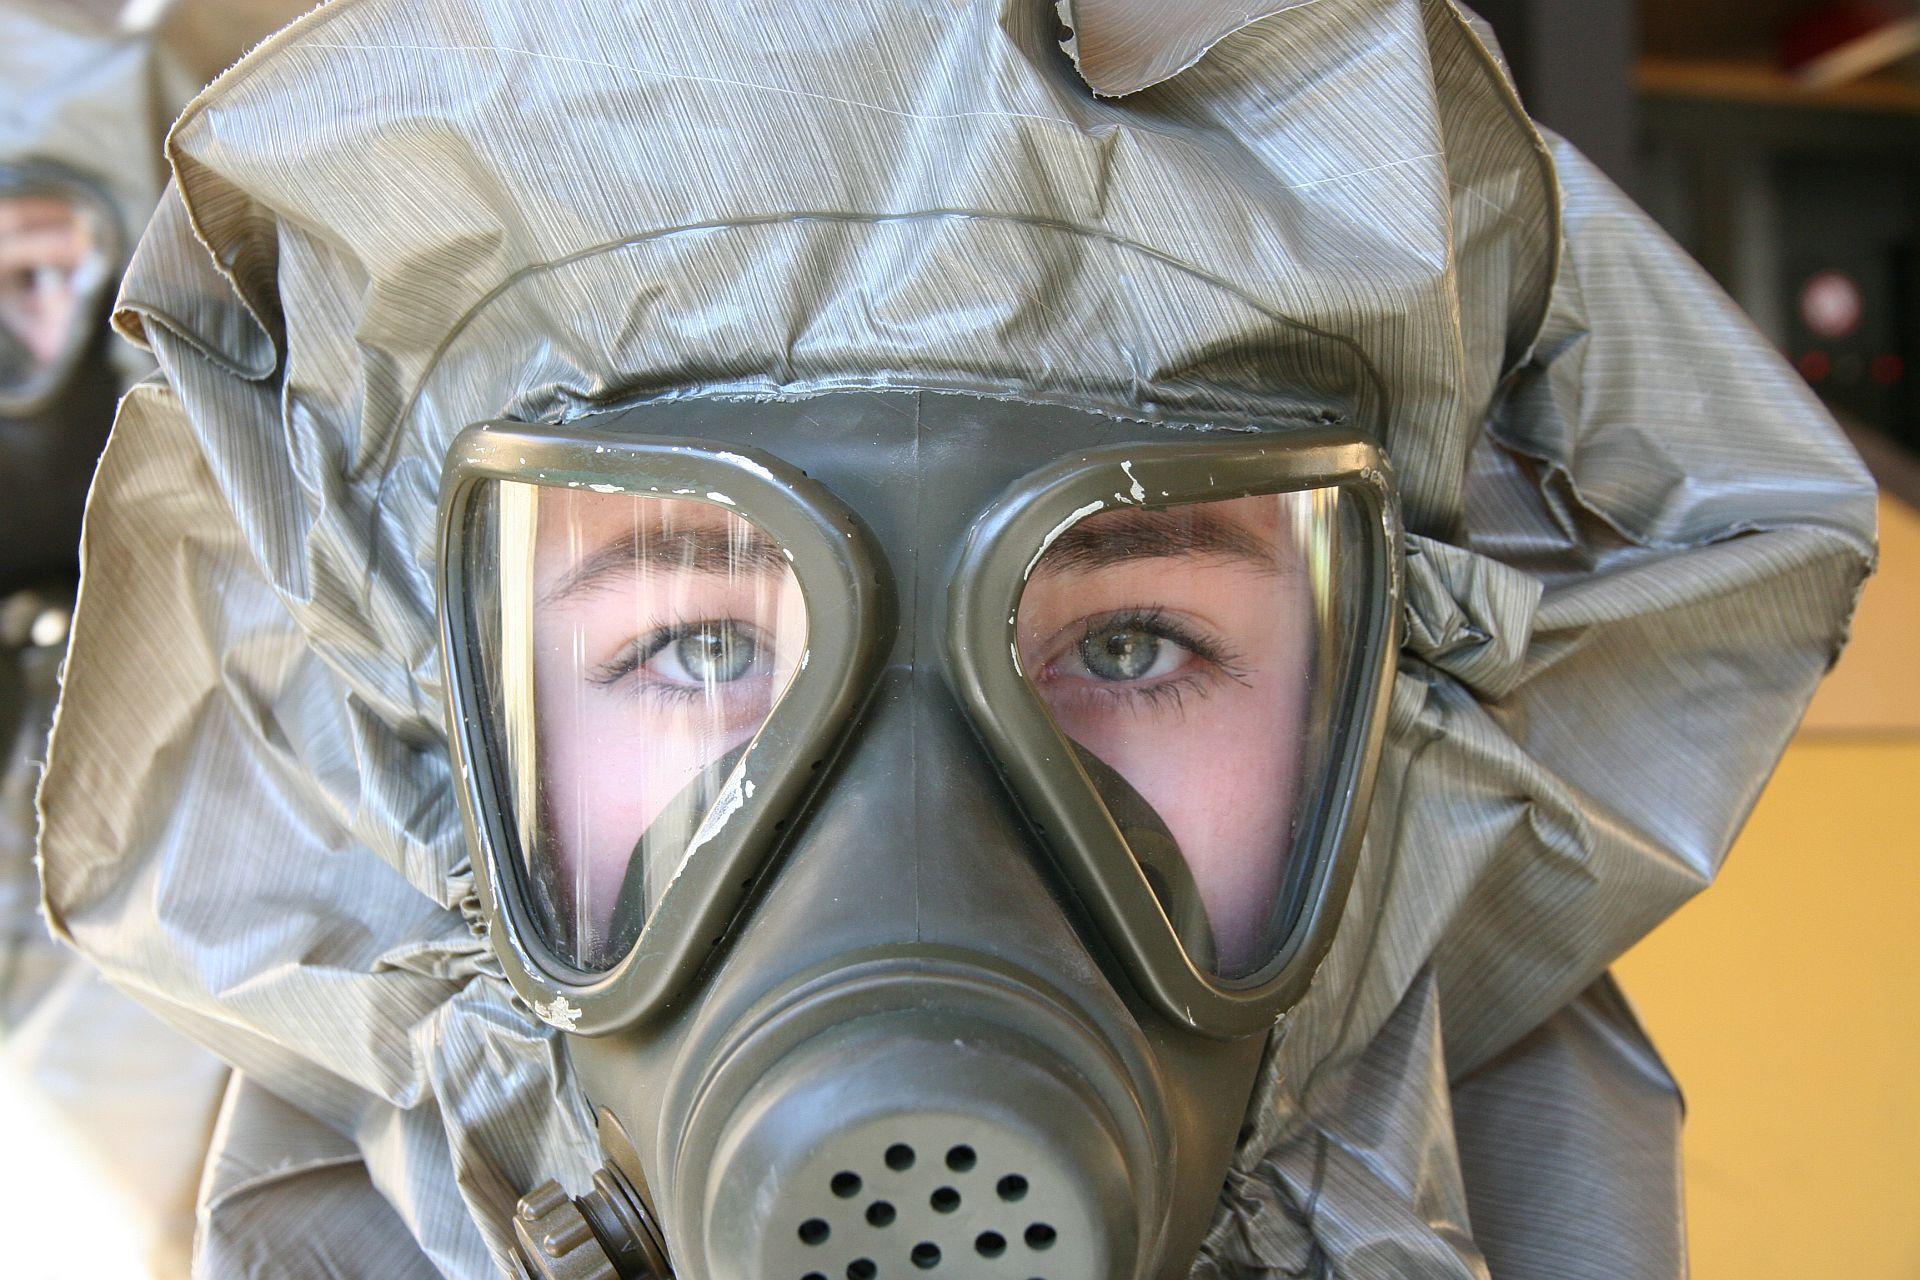 Maske Und Kapuze Perfekt Angelegt Gasmaske Schutzanzug Bundesheer